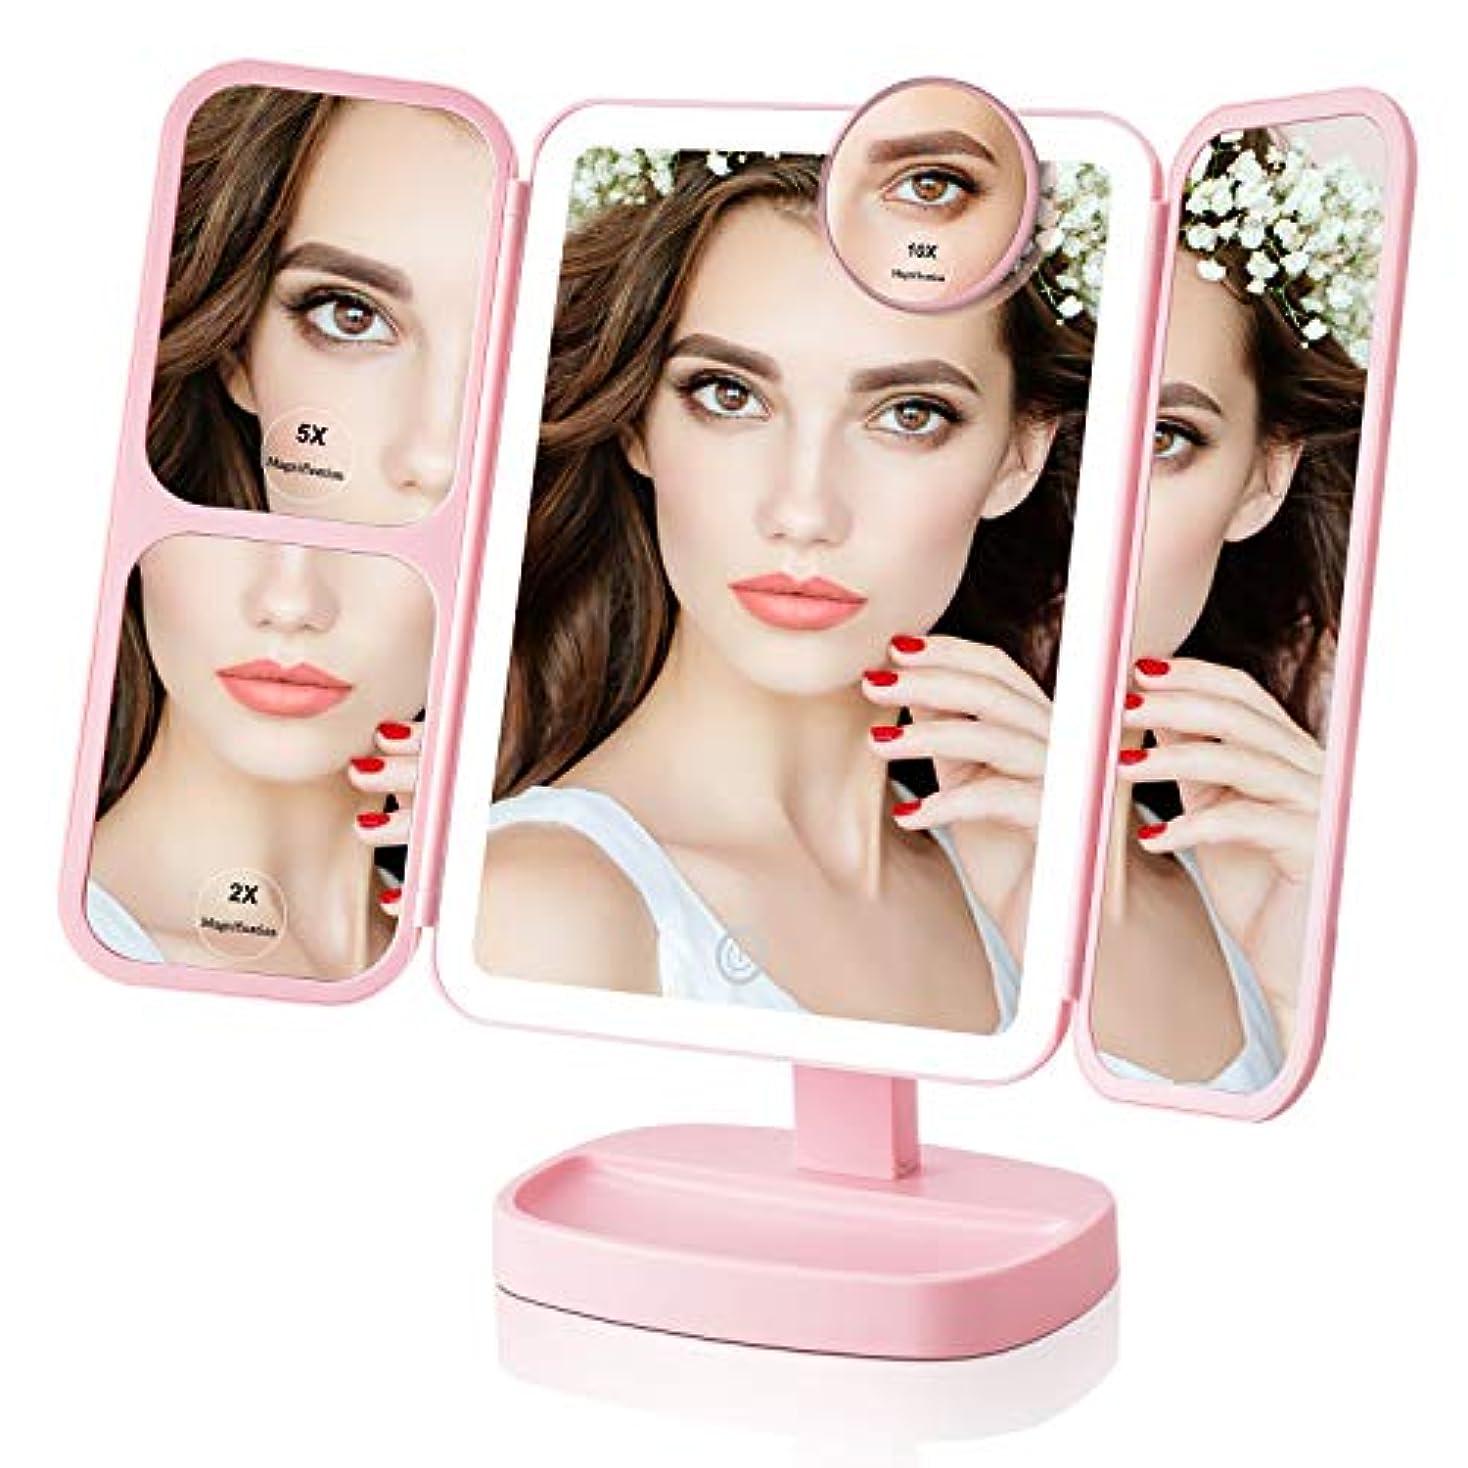 トリッキー強大なおいしいEasehold 化粧鏡 三面鏡 化粧ミラー 卓上ミラー 鏡 led付き 折りたたみ 2&5&10倍拡大鏡付き 明るさ調節可能 180°回転 プレゼント 電池またはUSB給電(ピンク)